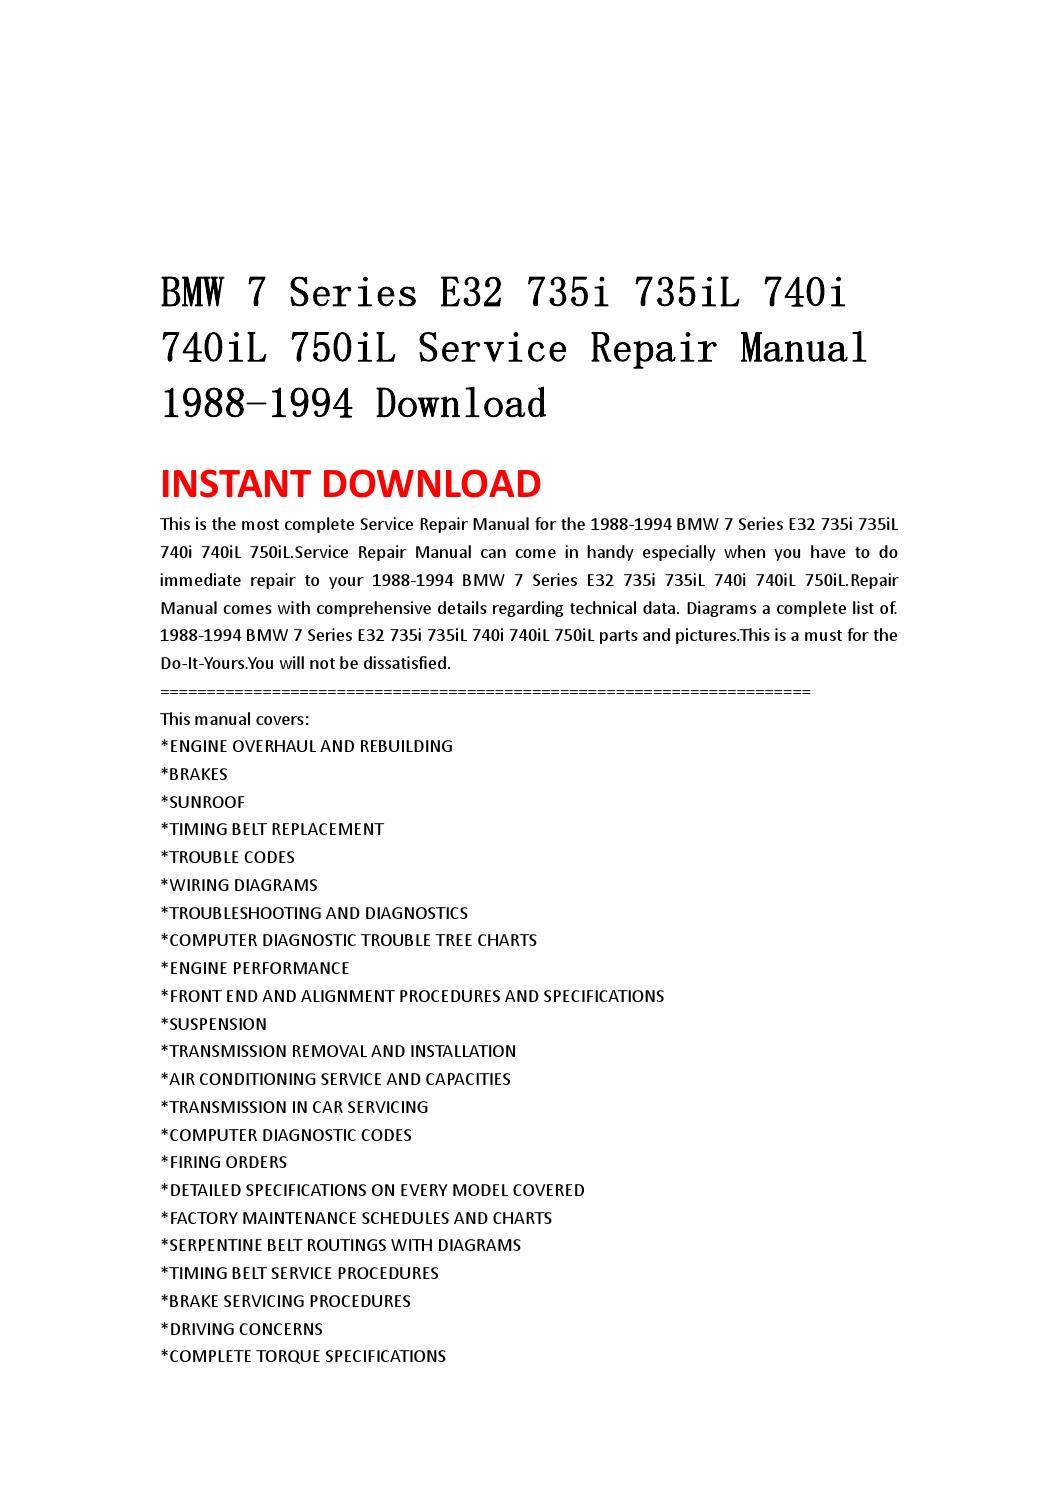 Bmw 7 Series E32 735i 735il 740i 740il 750il Service